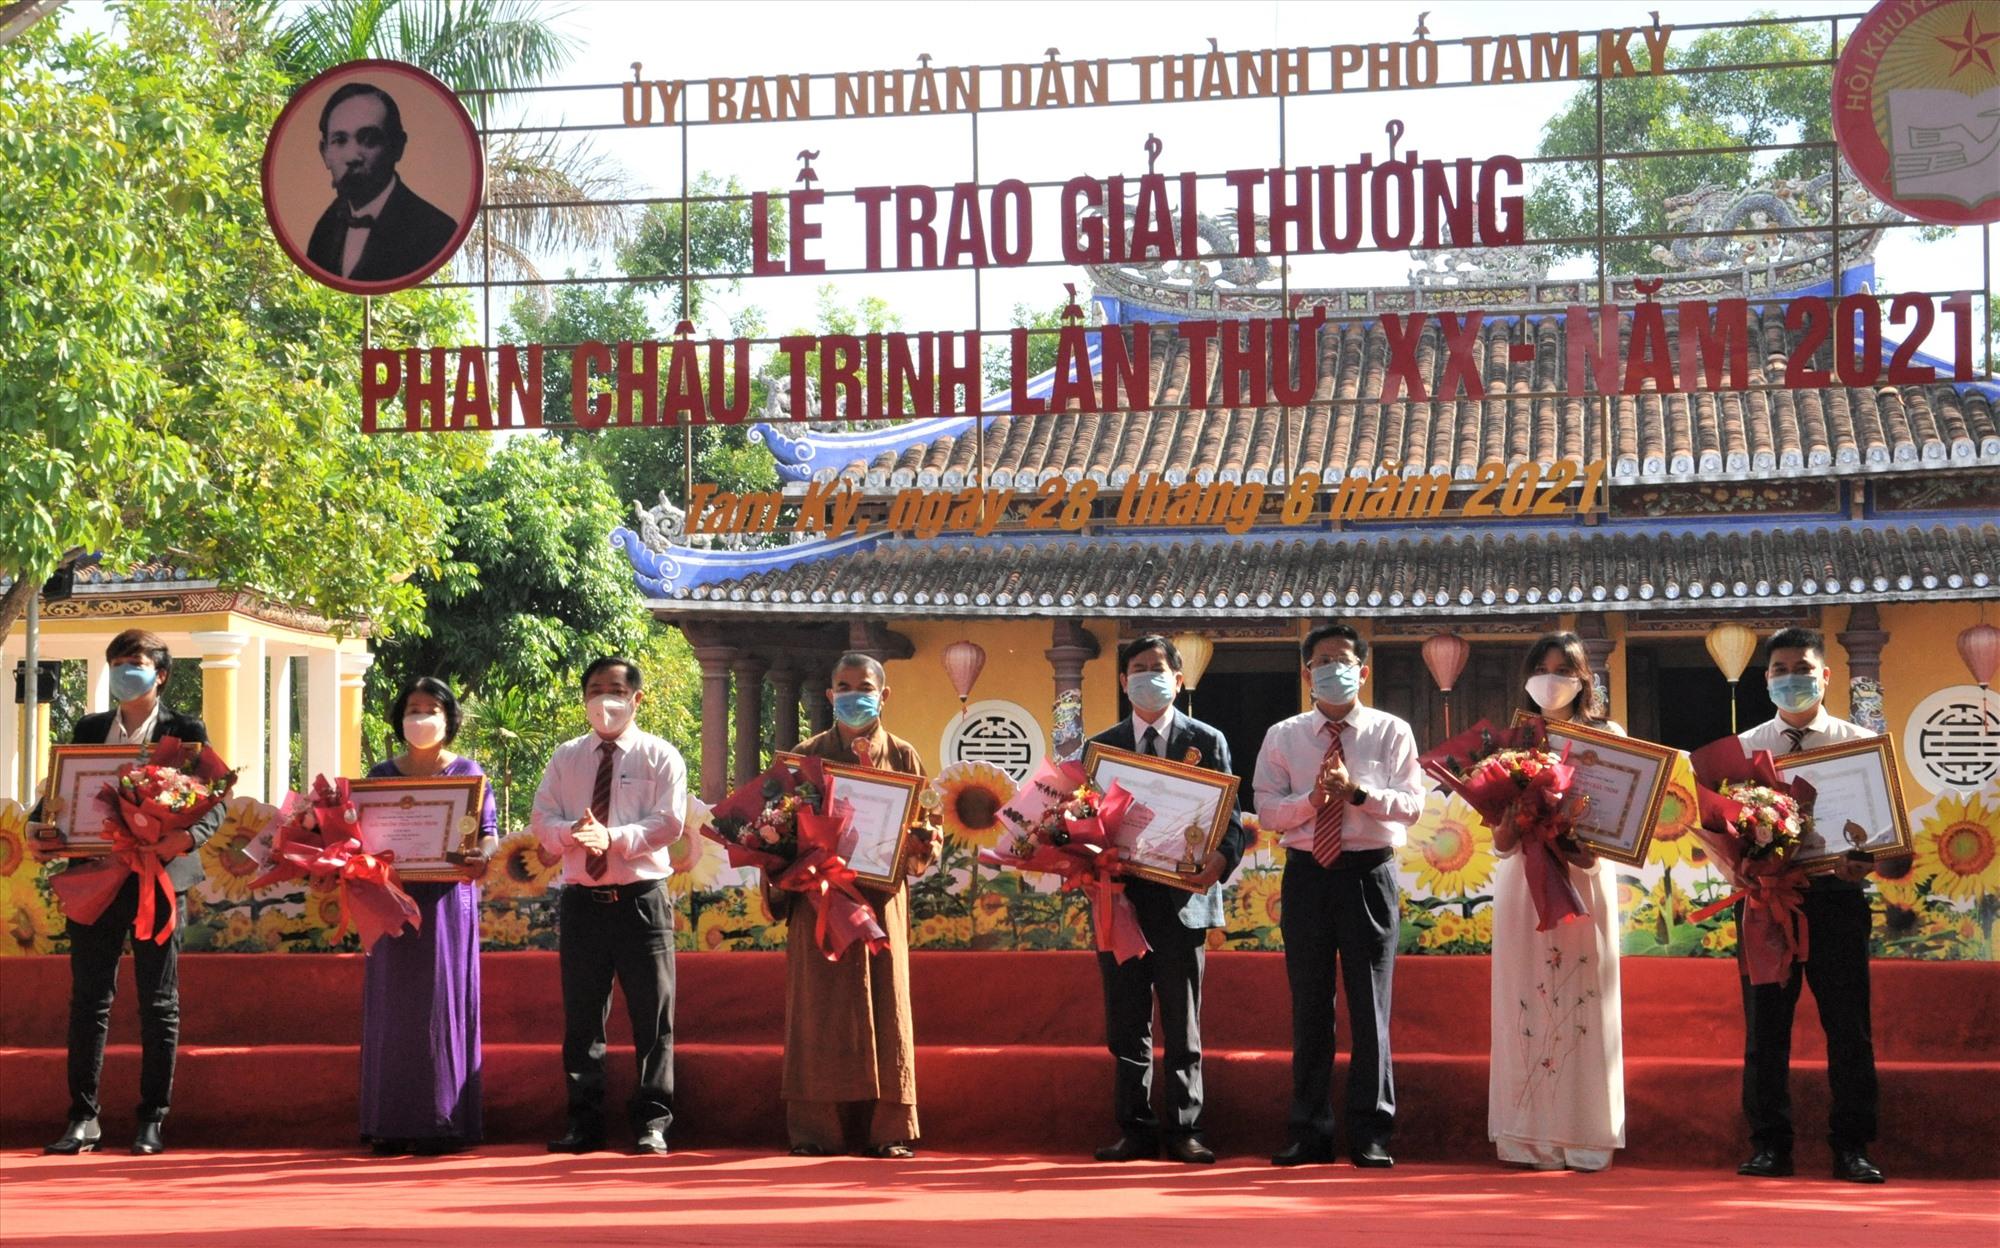 Lãnh đạo Tam Kỳ trao tặng Giải thưởng Phan Châu Trinh lần thứ 20 cho các cá nhân. Ảnh: X.P